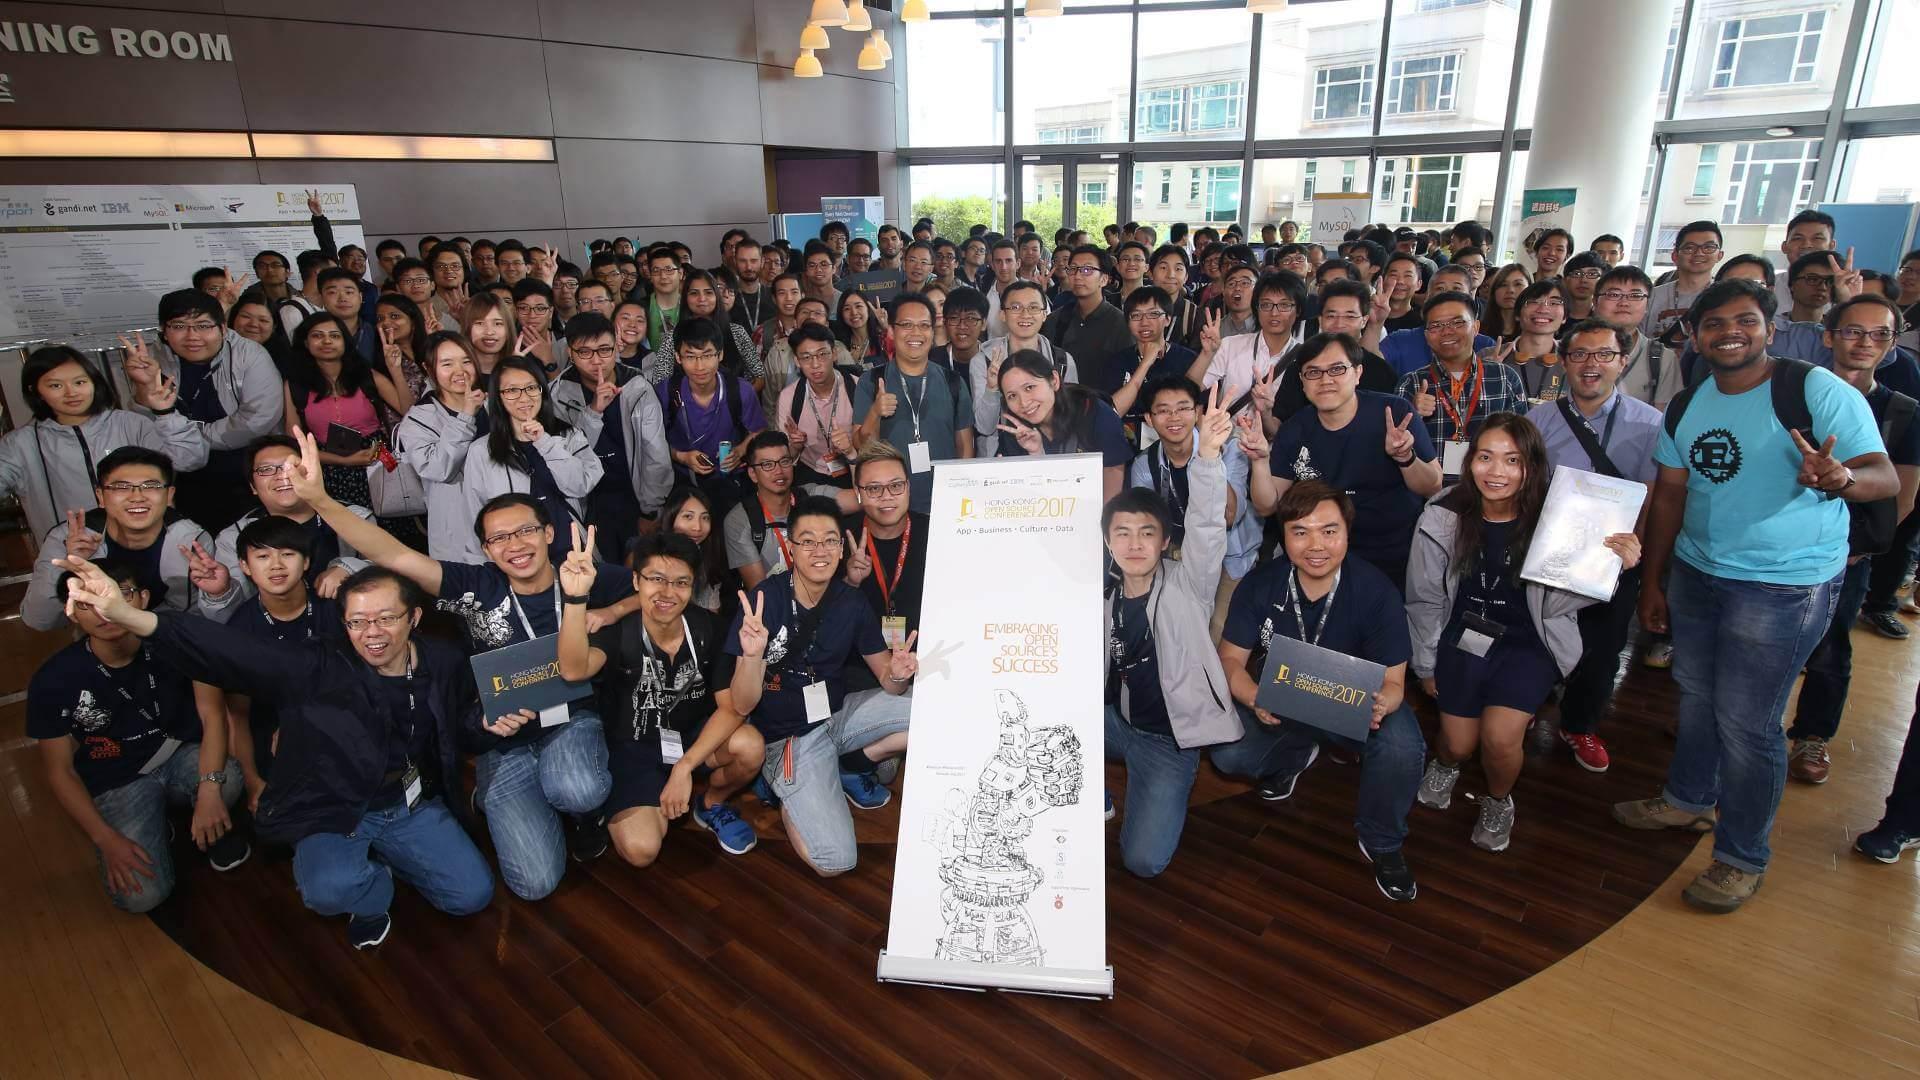 香港开源年会 HKOSCON  2018 将于6月16日在科学园举办